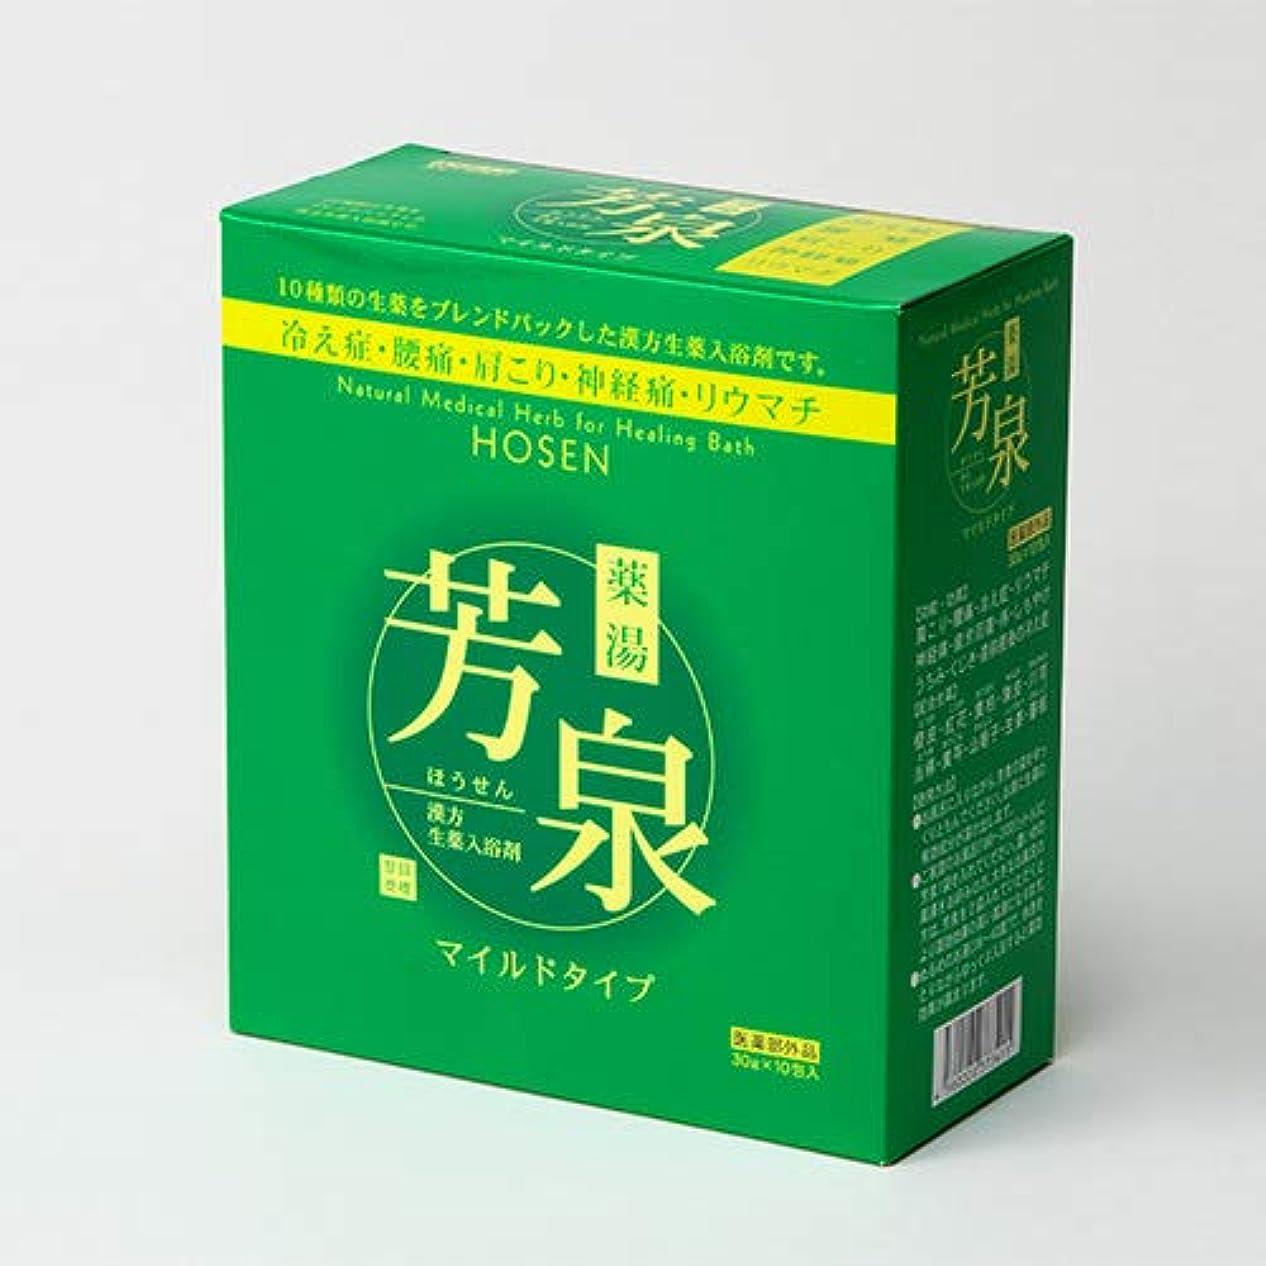 吸い込む純粋に百薬湯 芳泉 マイルドタイプ 30g×10包入